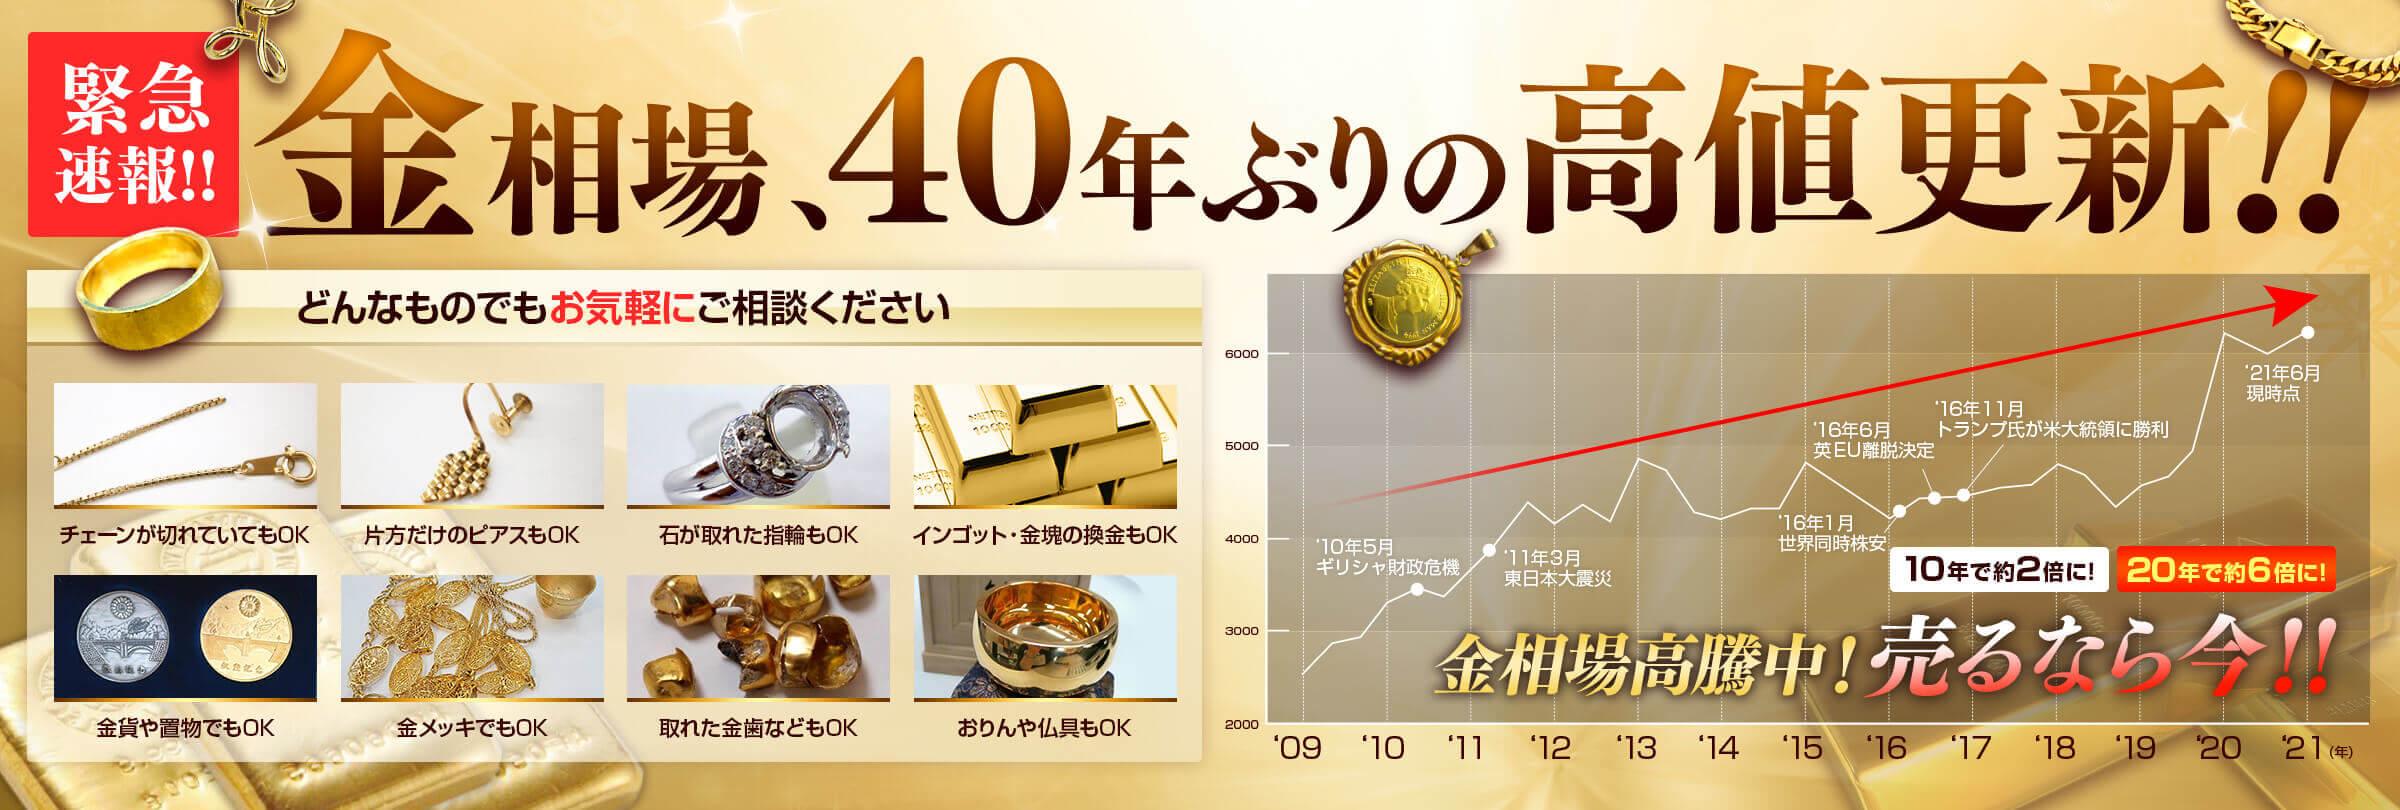 金相場40年ぶりの高値更新